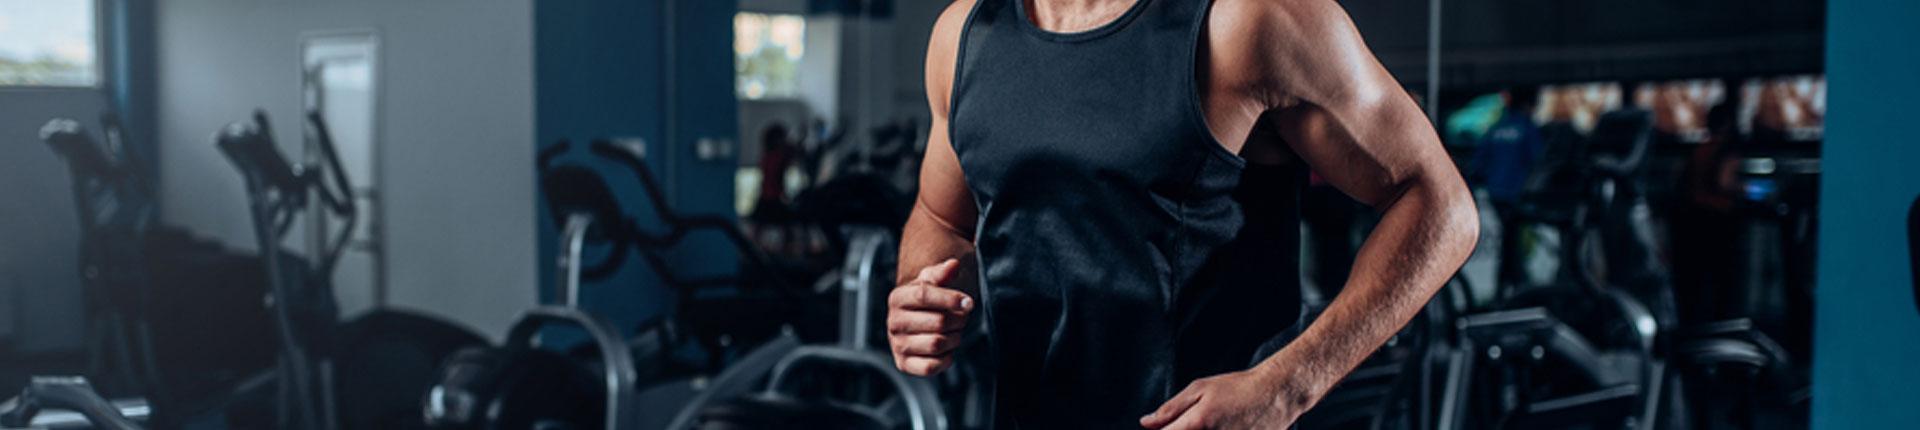 Czy warto stosować kardio podczas budowania masy mięśniowej?